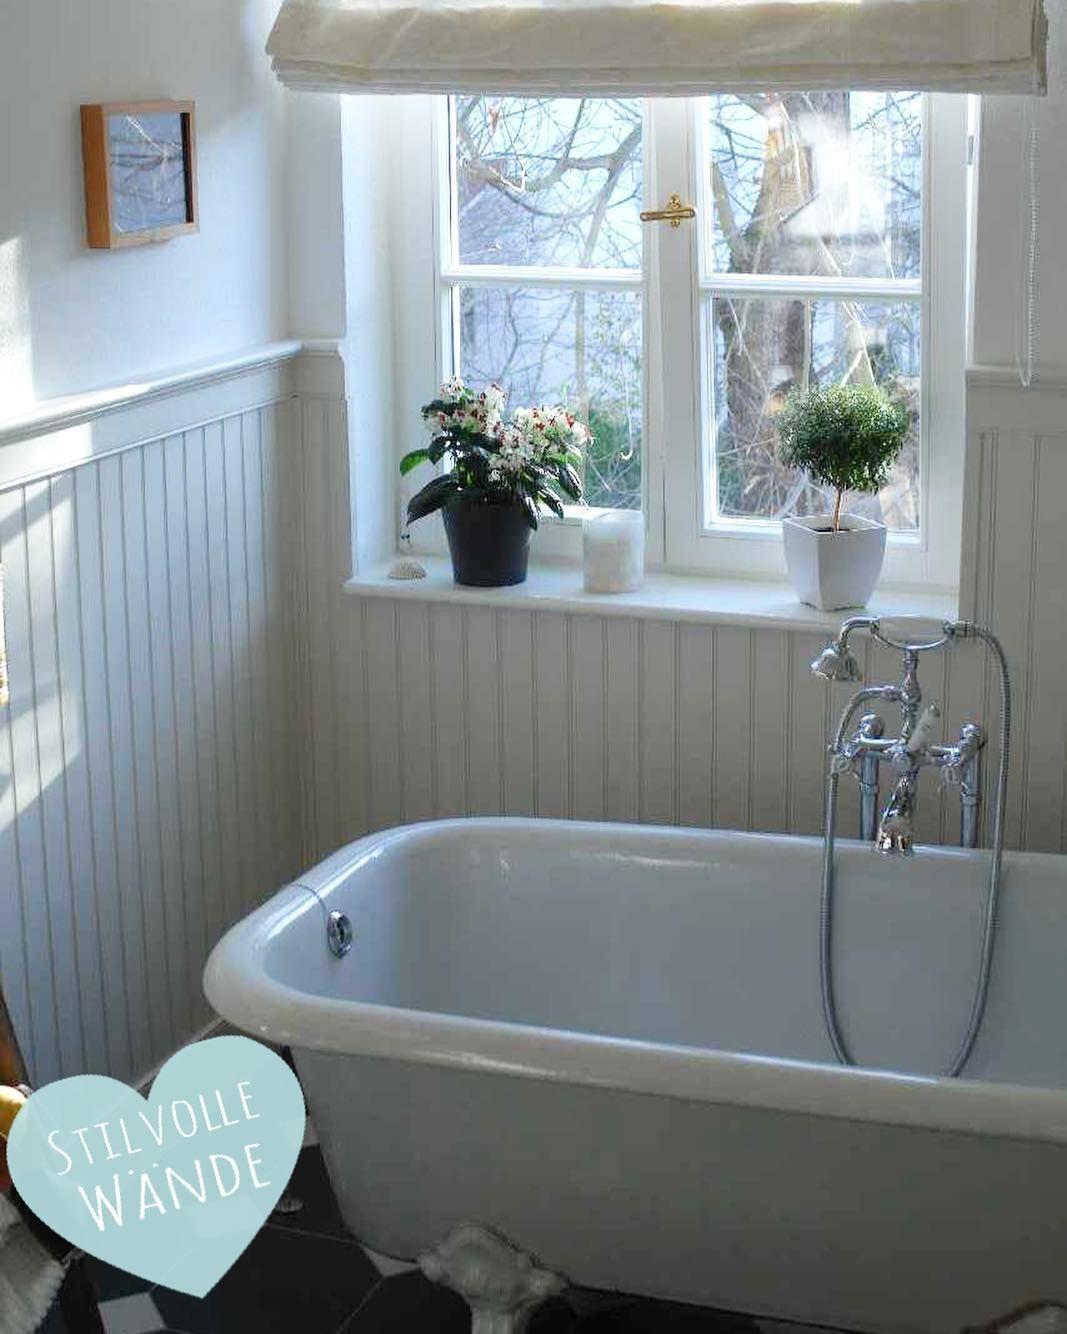 Badezimmertraume Am Morgen Wie Toll Freistehende Badewannen Doch Sind Abgerundet Durch Unsere B Wandverkleidung Badezimmer Inspiration Badezimmer Landhaus